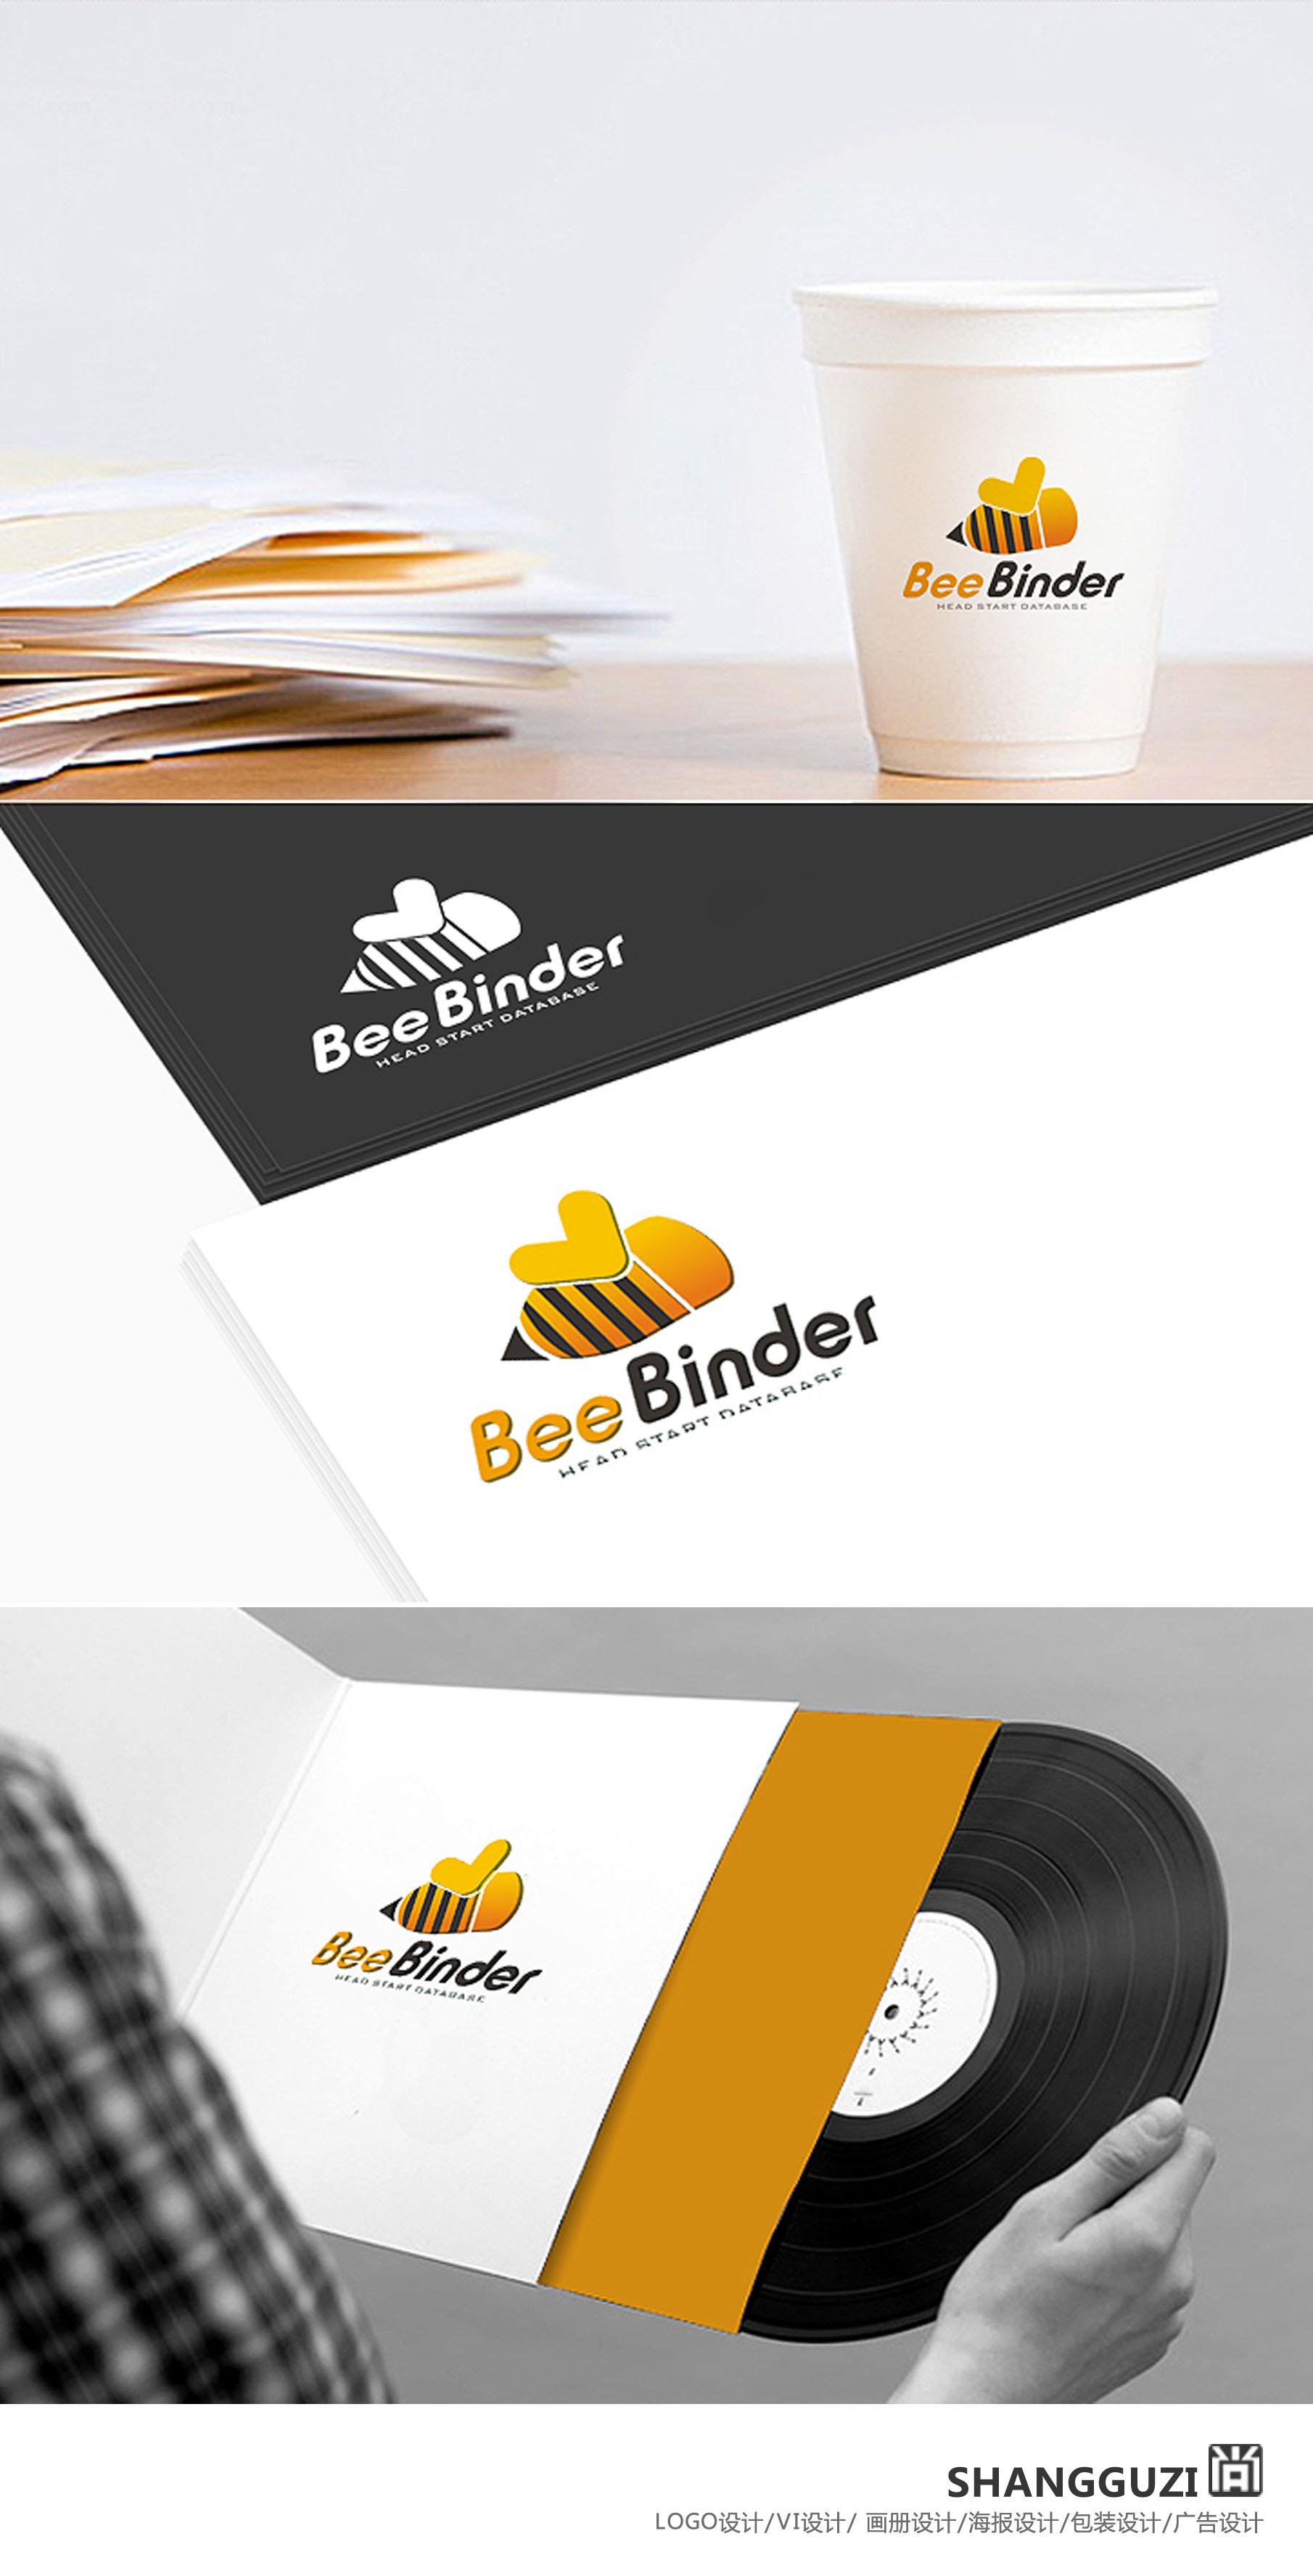 BeeBinder